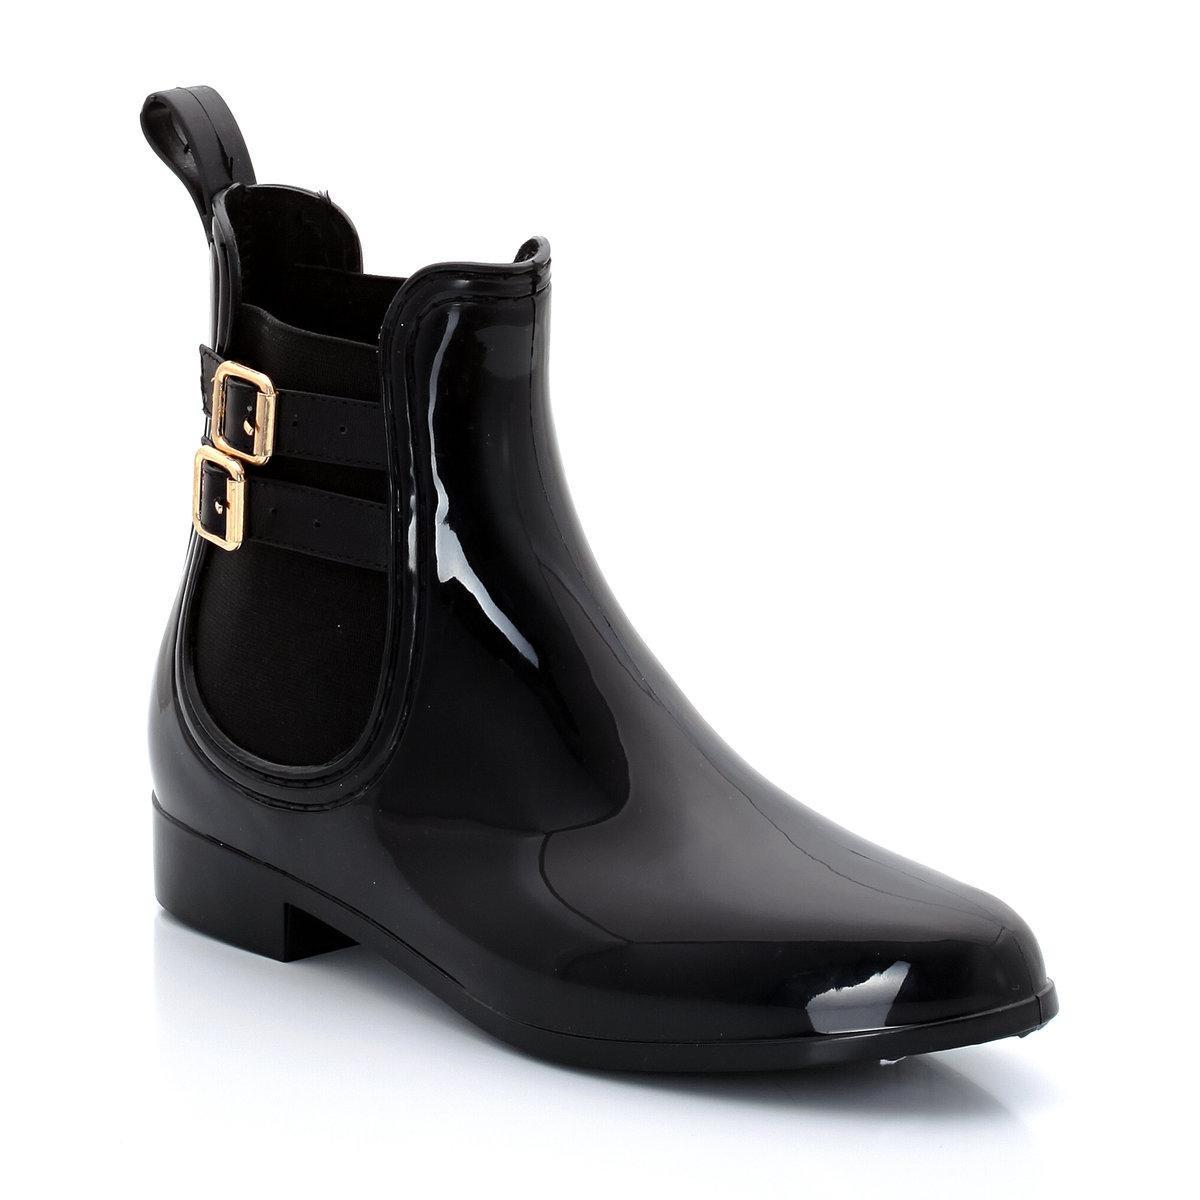 Boots de pluie esprit chelsea, brides et boucles Be Only